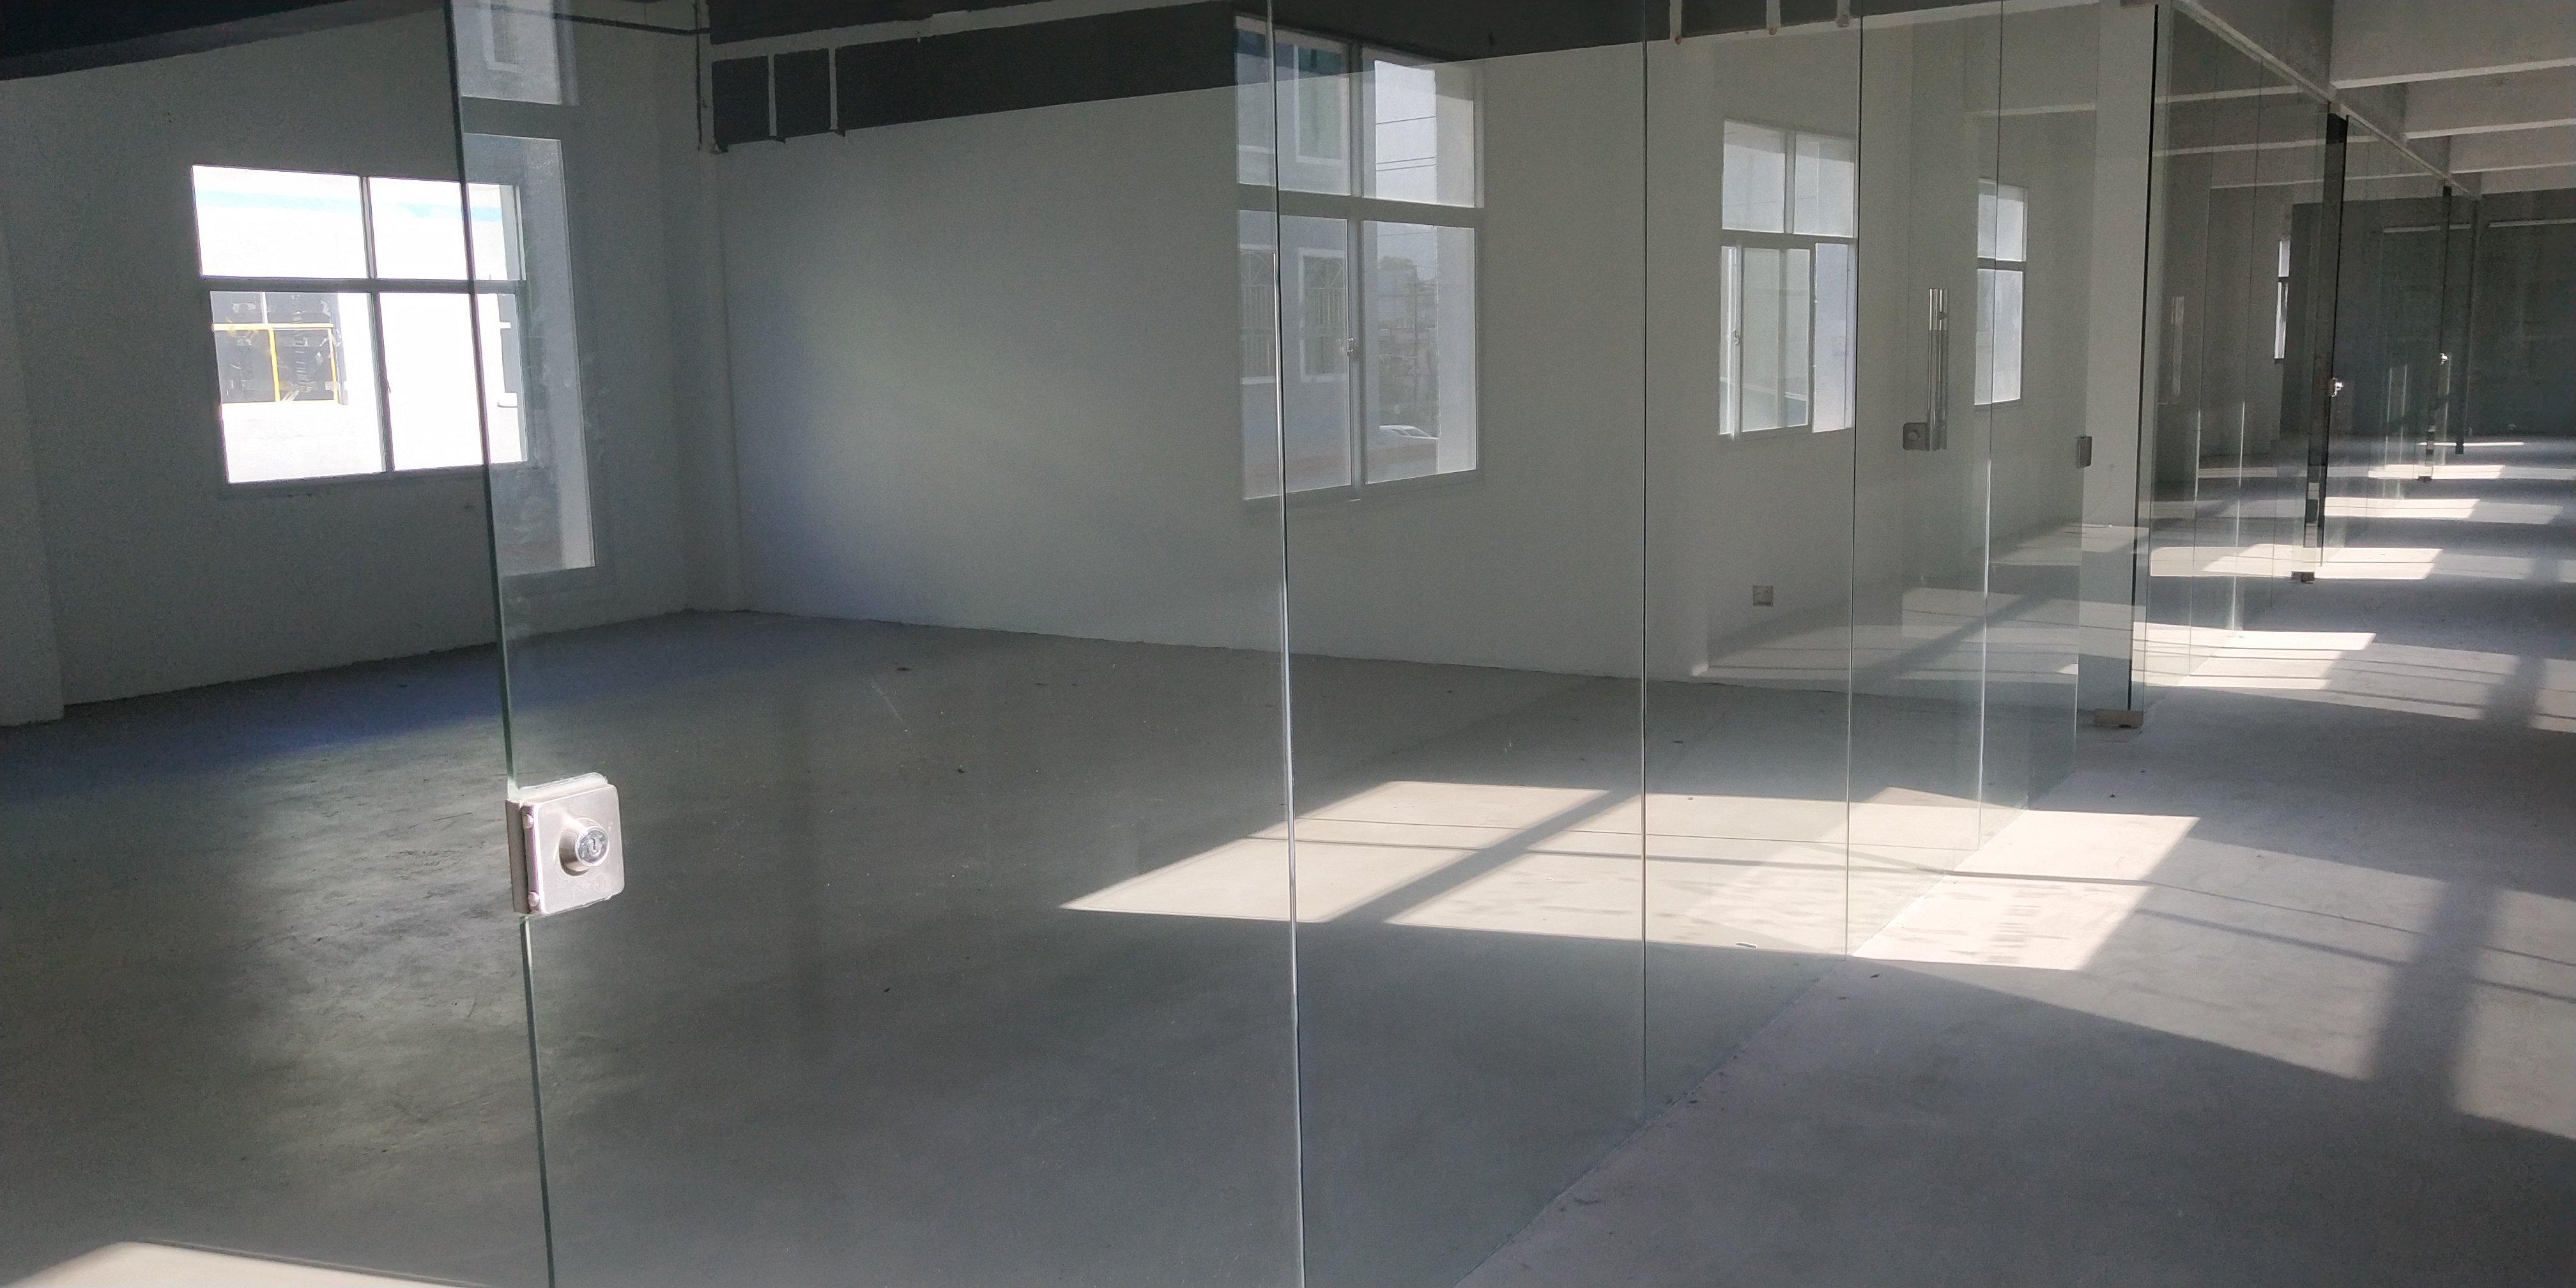 龙岗区横岗新出带装修办公加仓库格局厂房800平报价20元